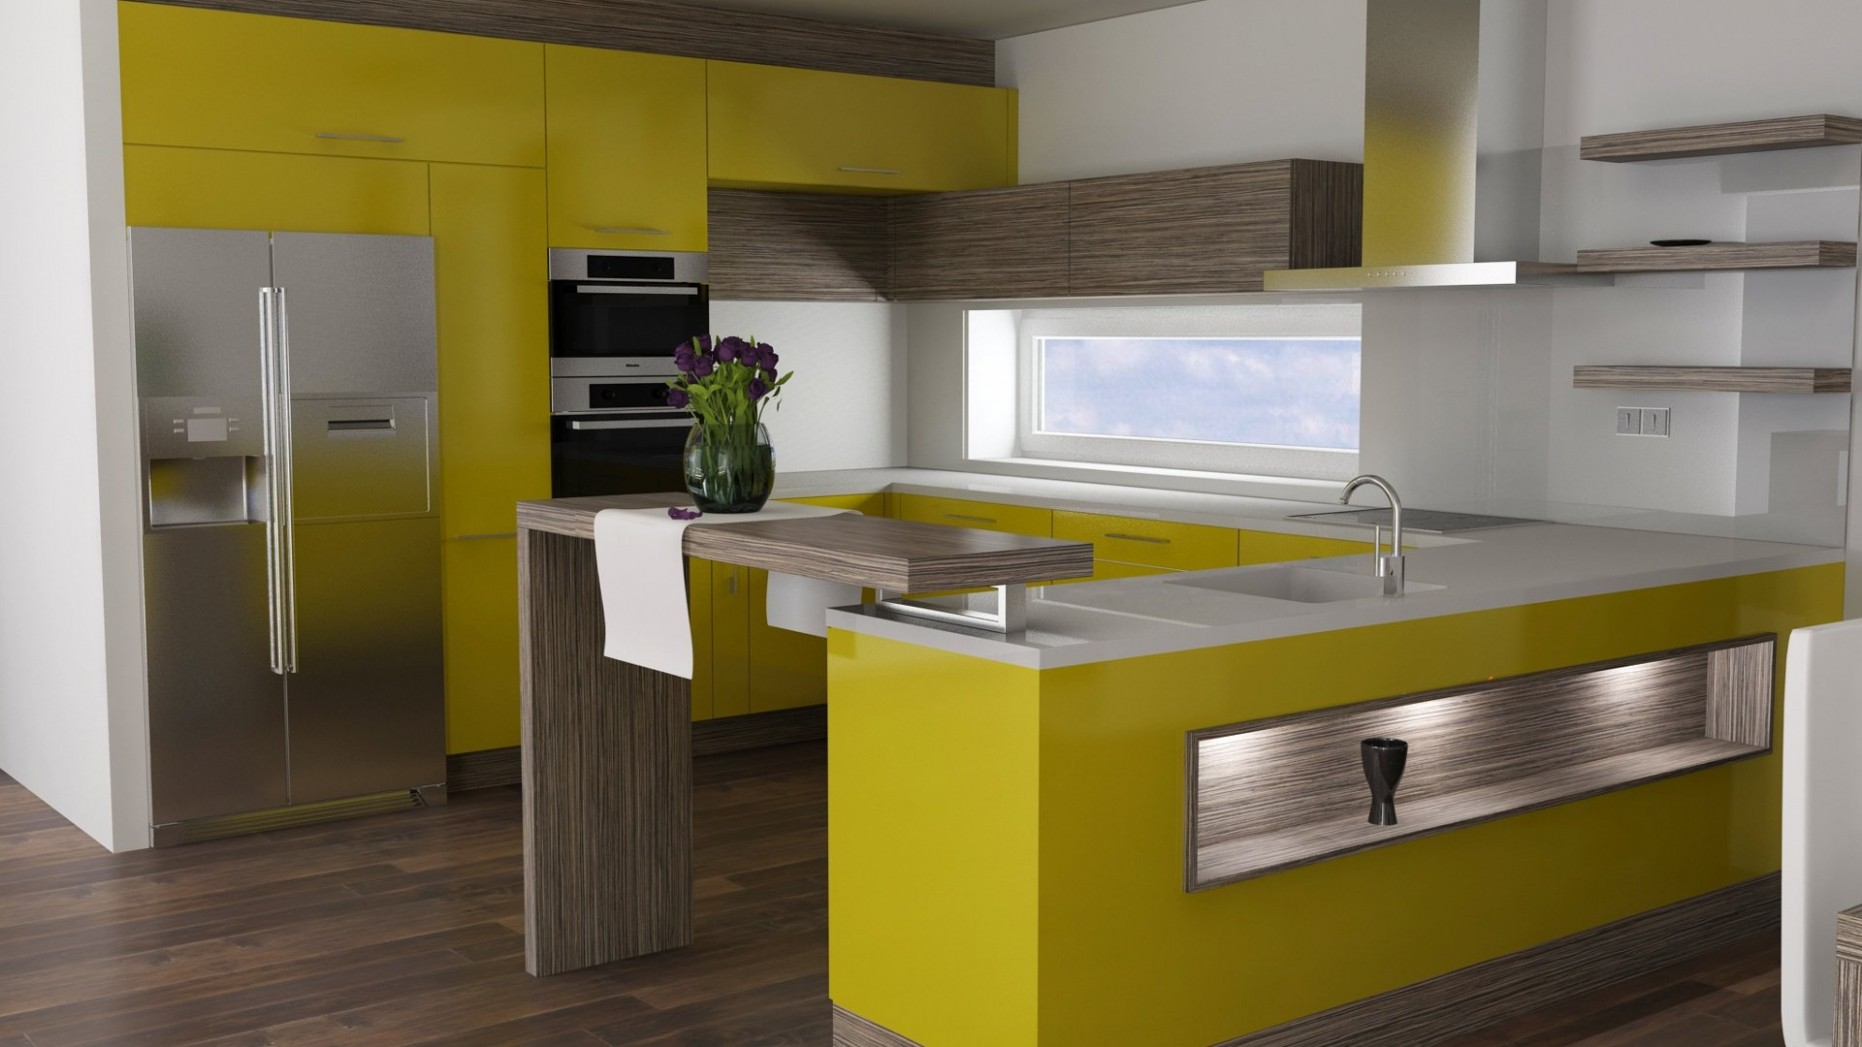 Kuchyne Ikea Recenze